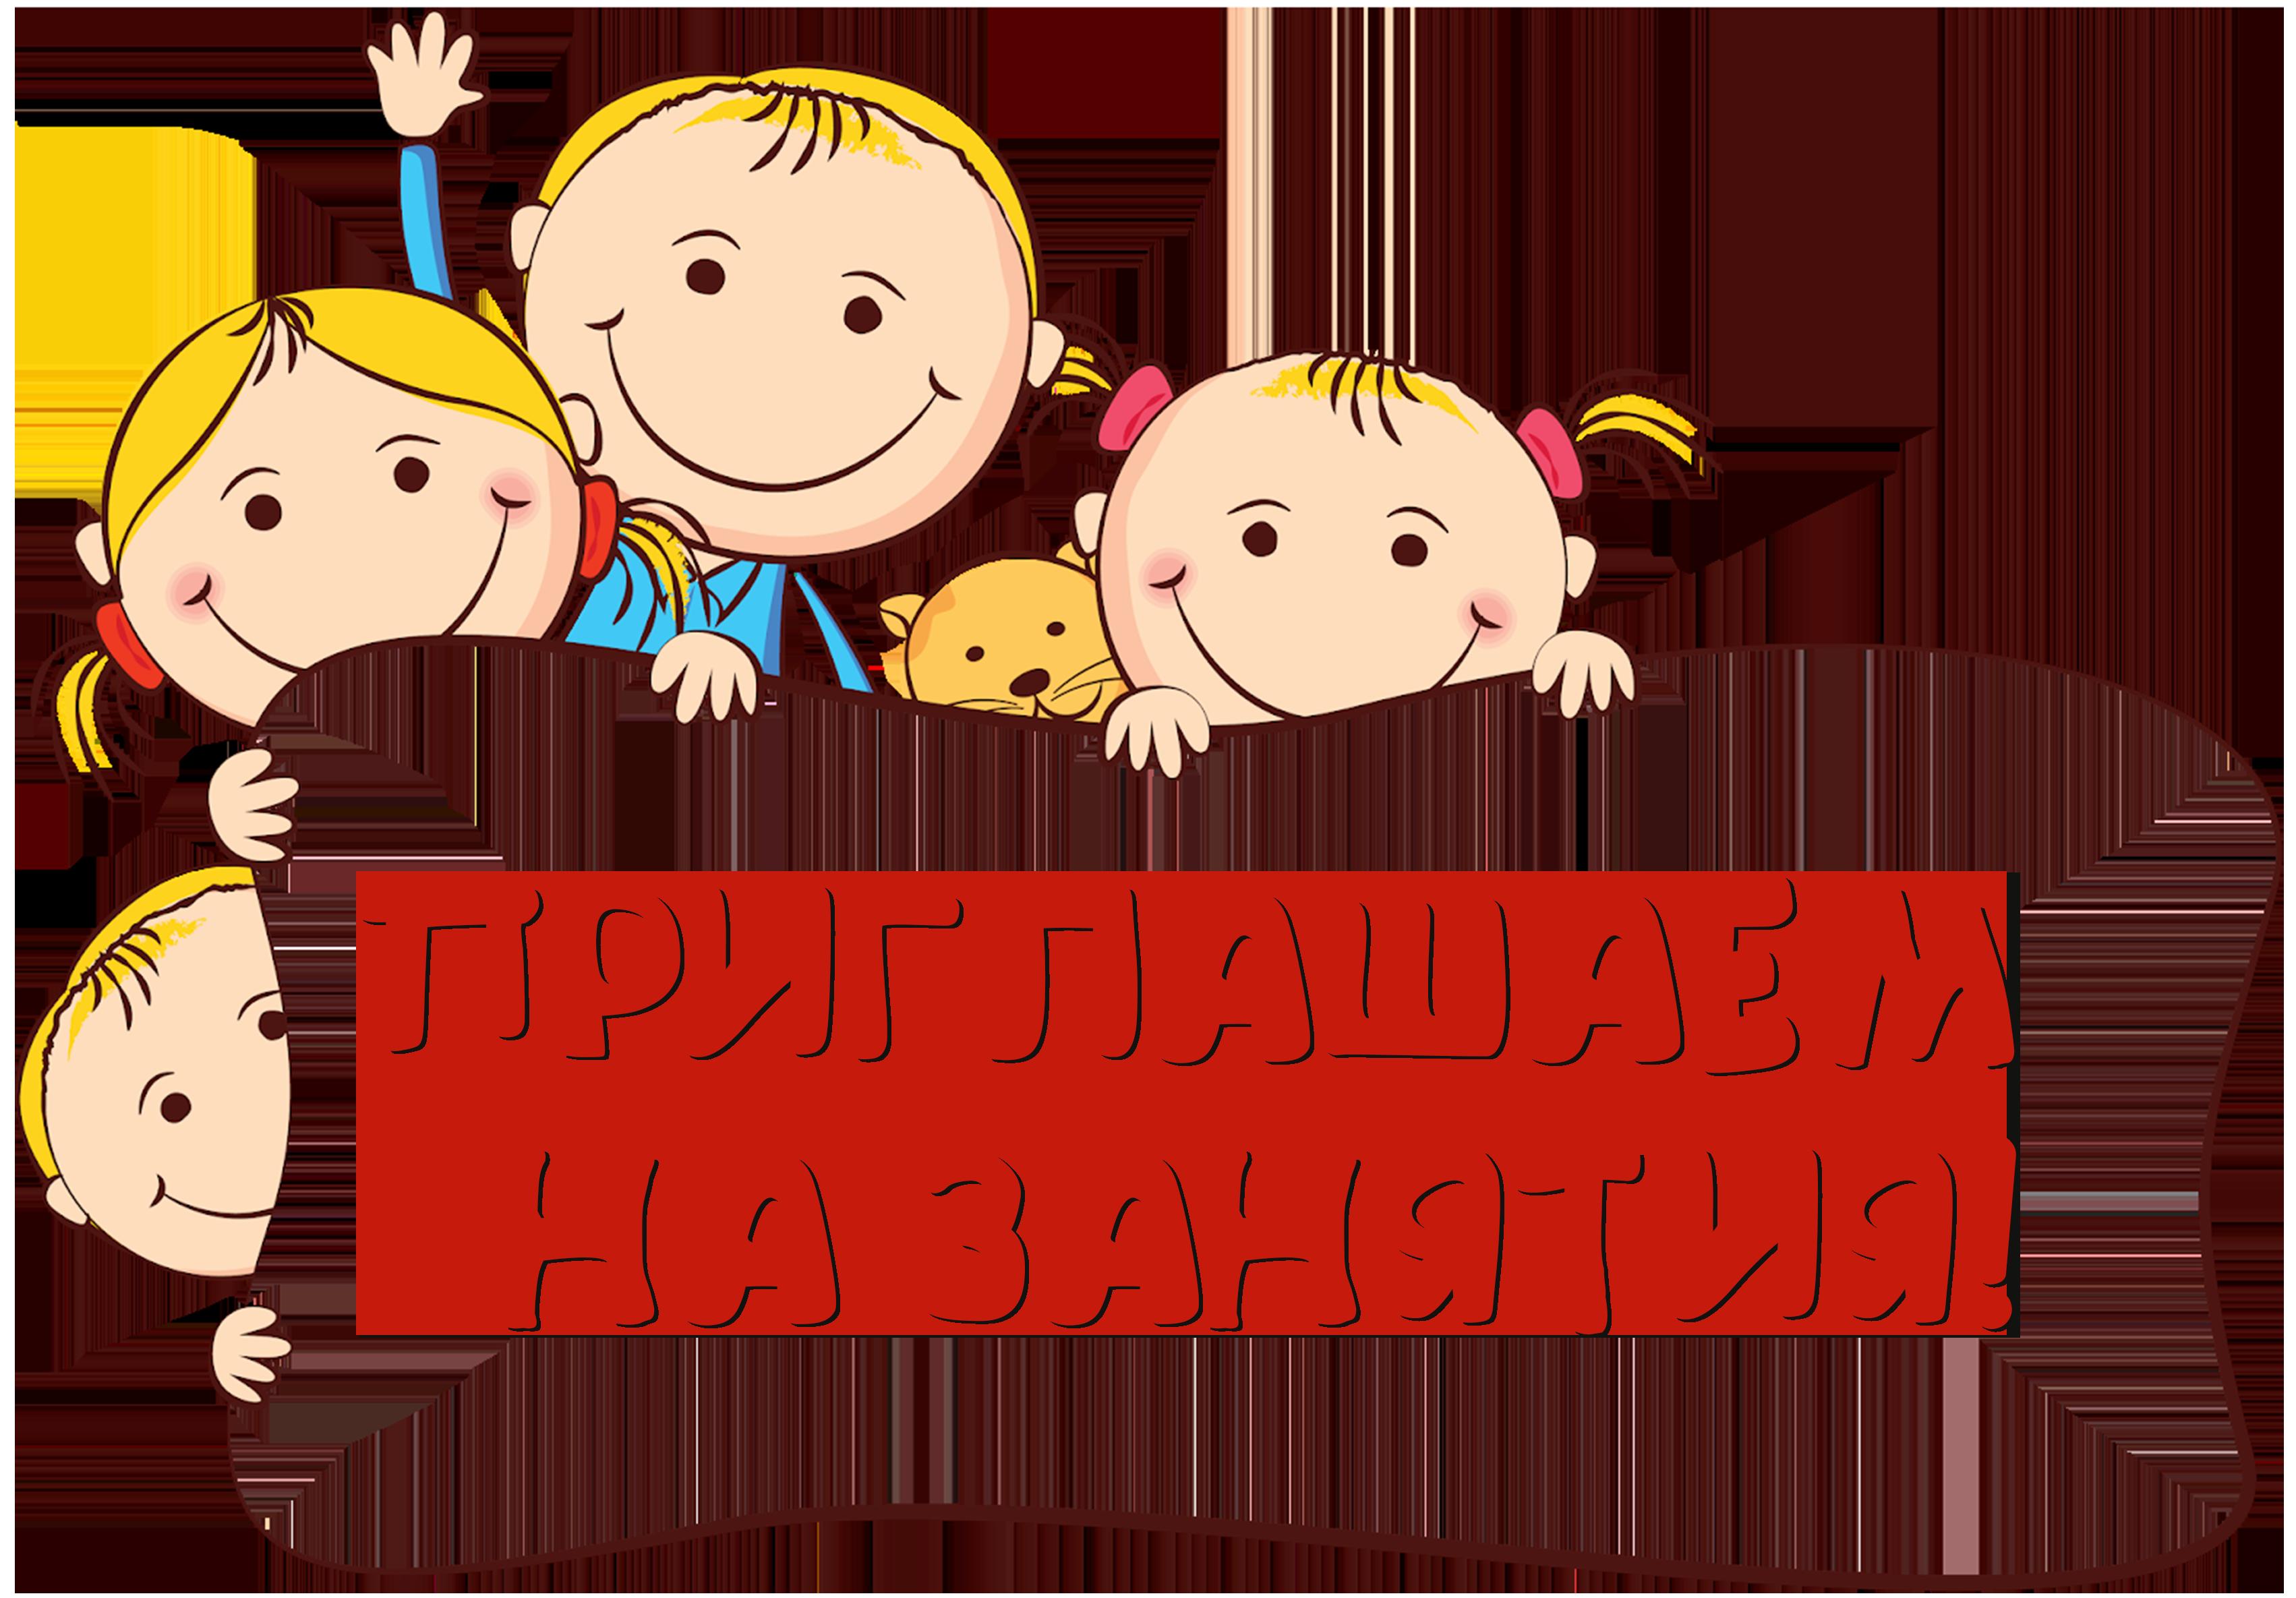 http://cdt-leninskii.ucoz.net/AKVAREL/priglashaem_na_zanjatija.png